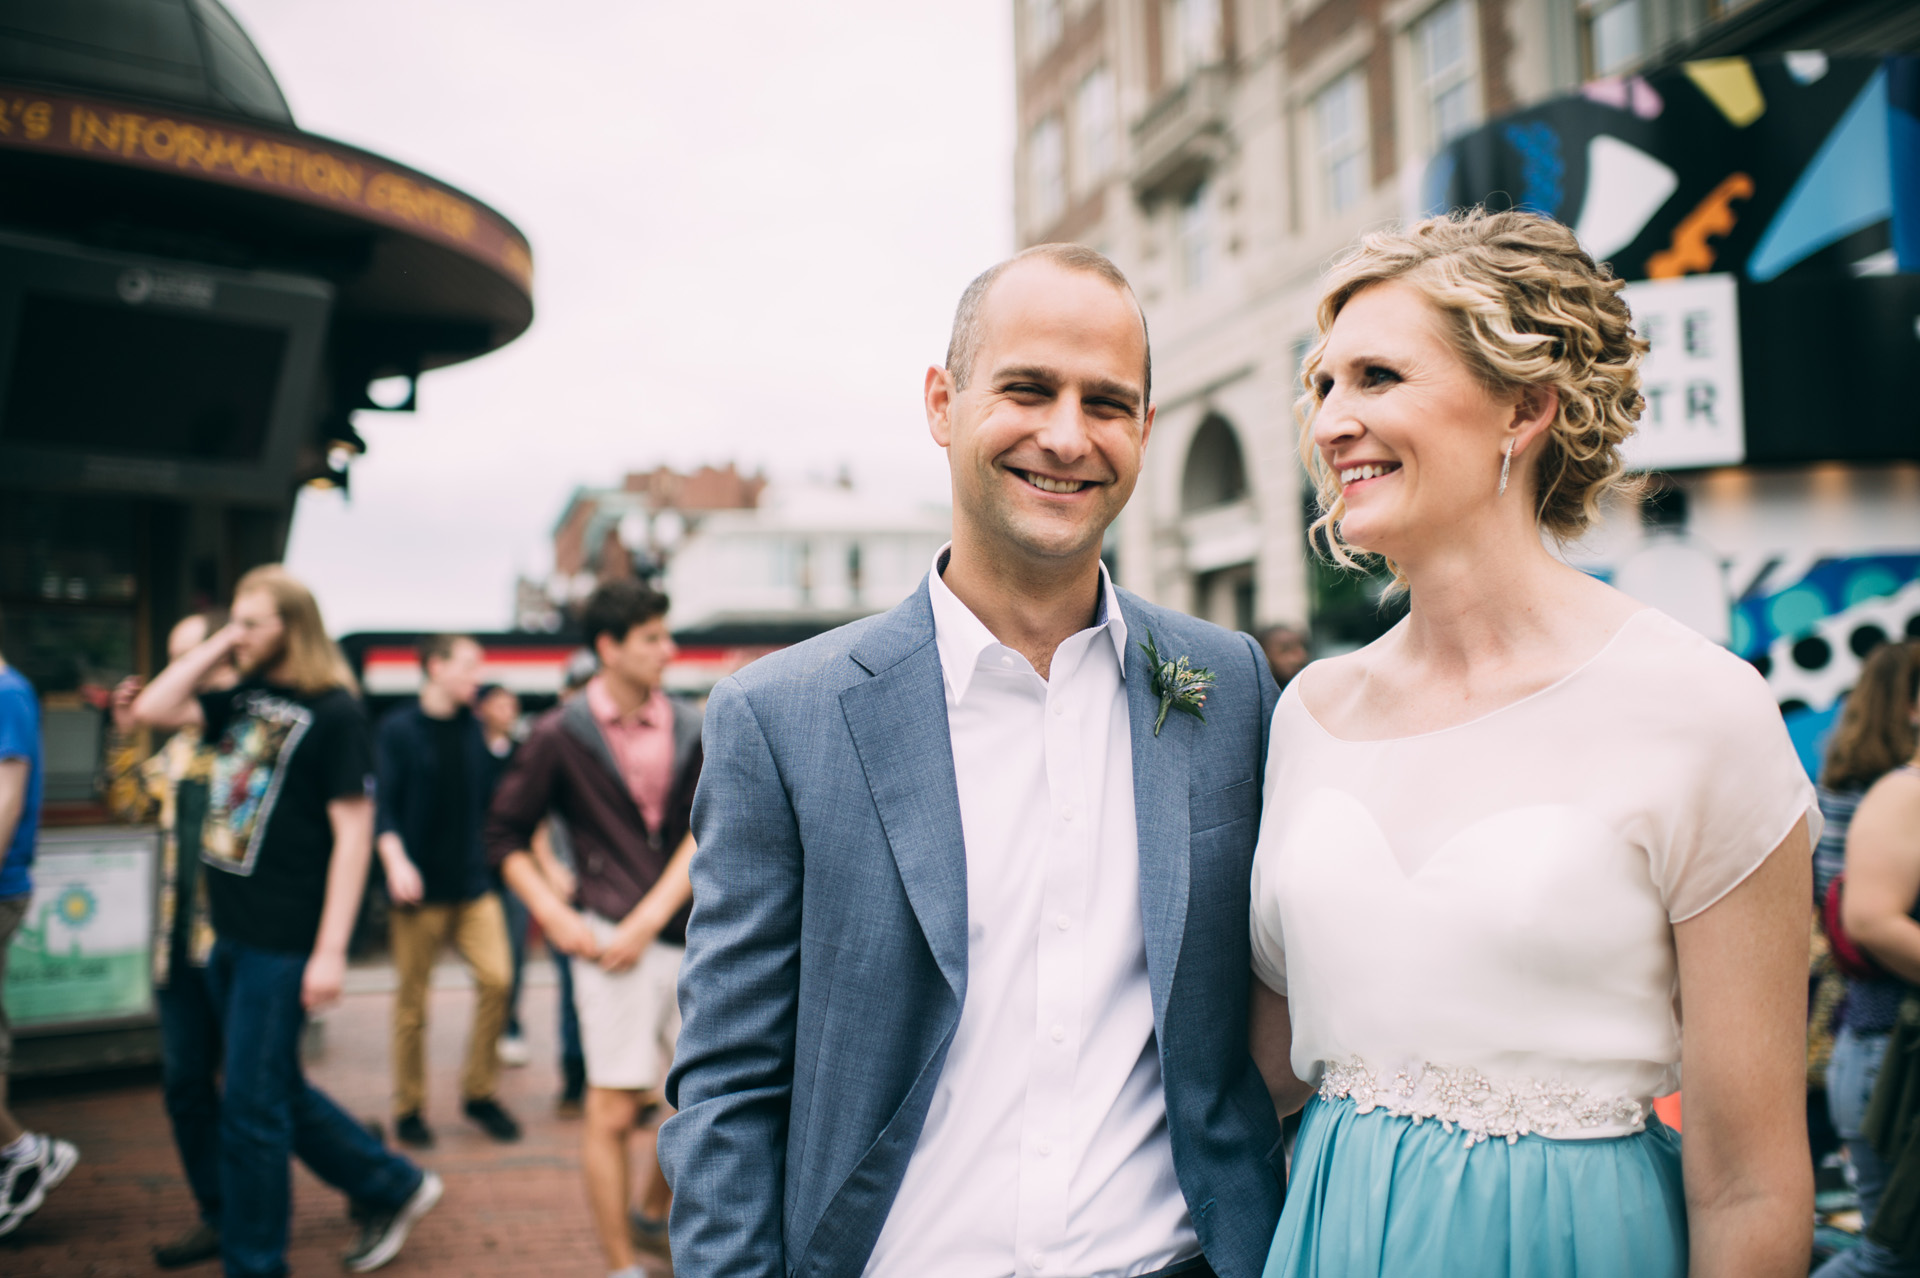 alden-harlow-wedding-photographer-29